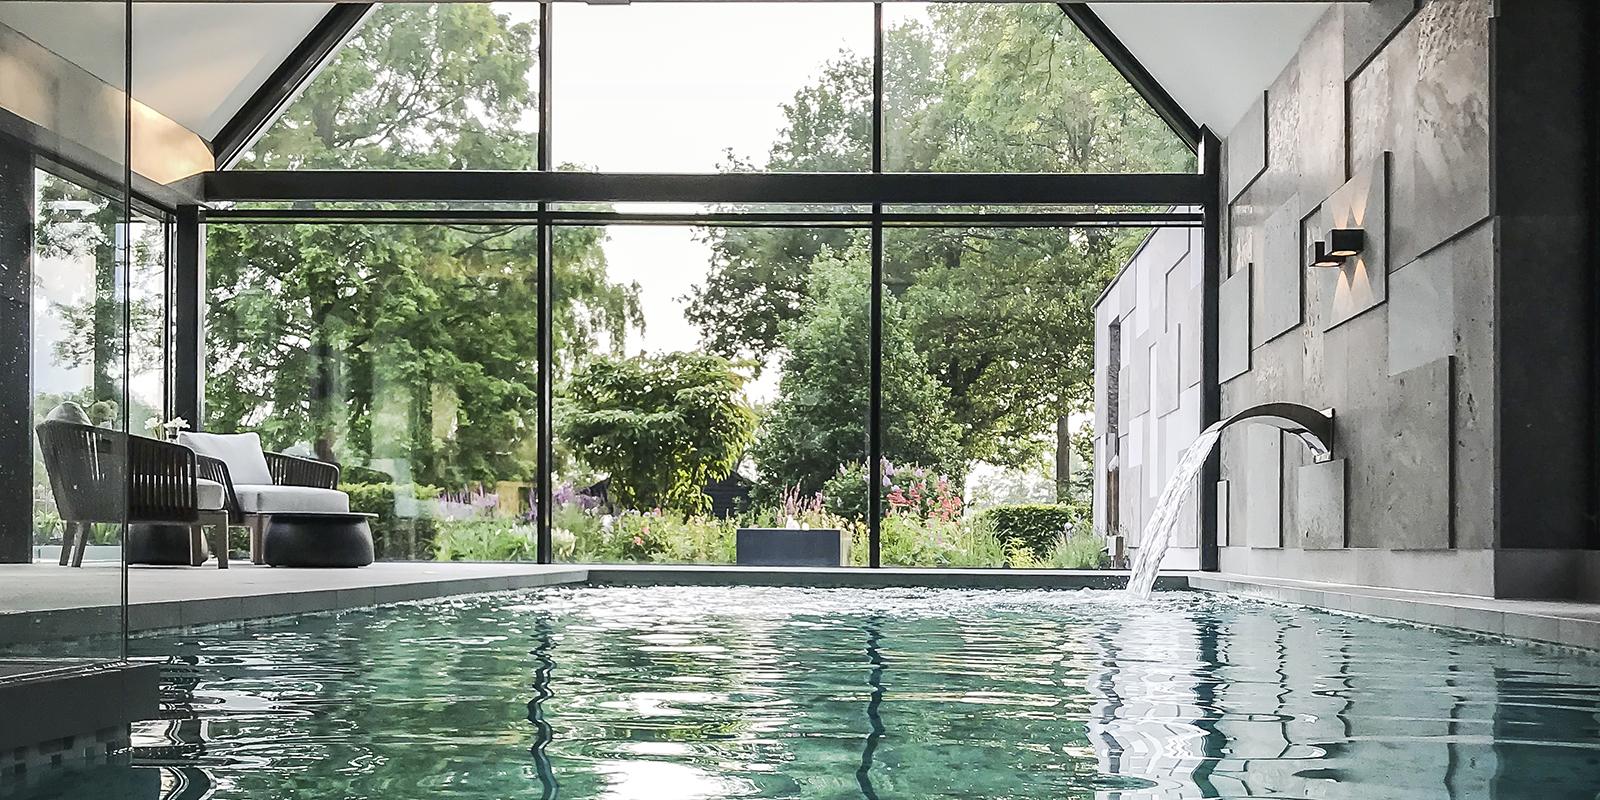 Binnenzwembad, Medie Interieurarchitectuur, Medie Janssen, Wellness, Home Spa, Home Wellness, Thuis spa, Sauna, Regendouche, Mozaïek, Natuursteen, Raampartijen, Grote Ramen, Design meubels